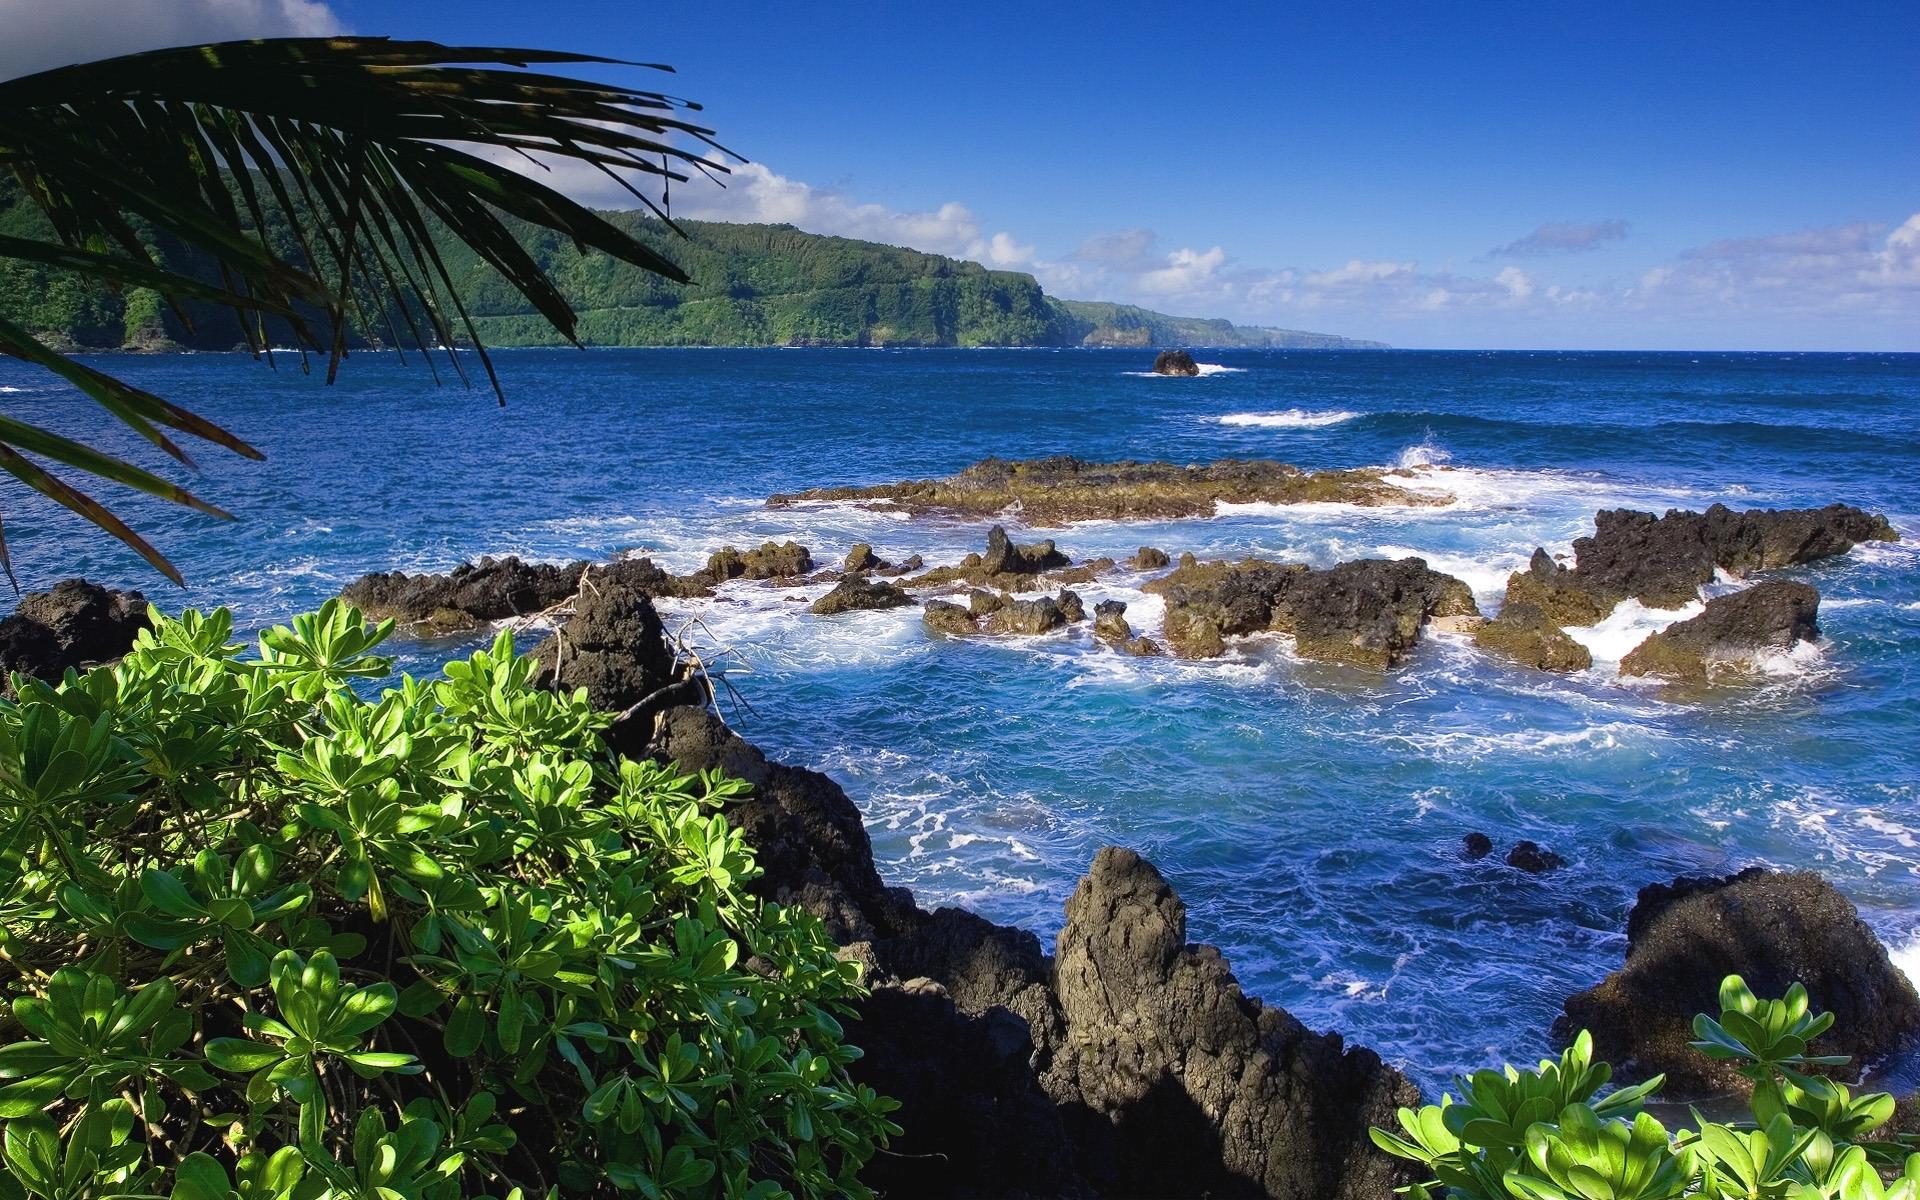 29370 скачать обои Пейзаж, Море, Волны - заставки и картинки бесплатно